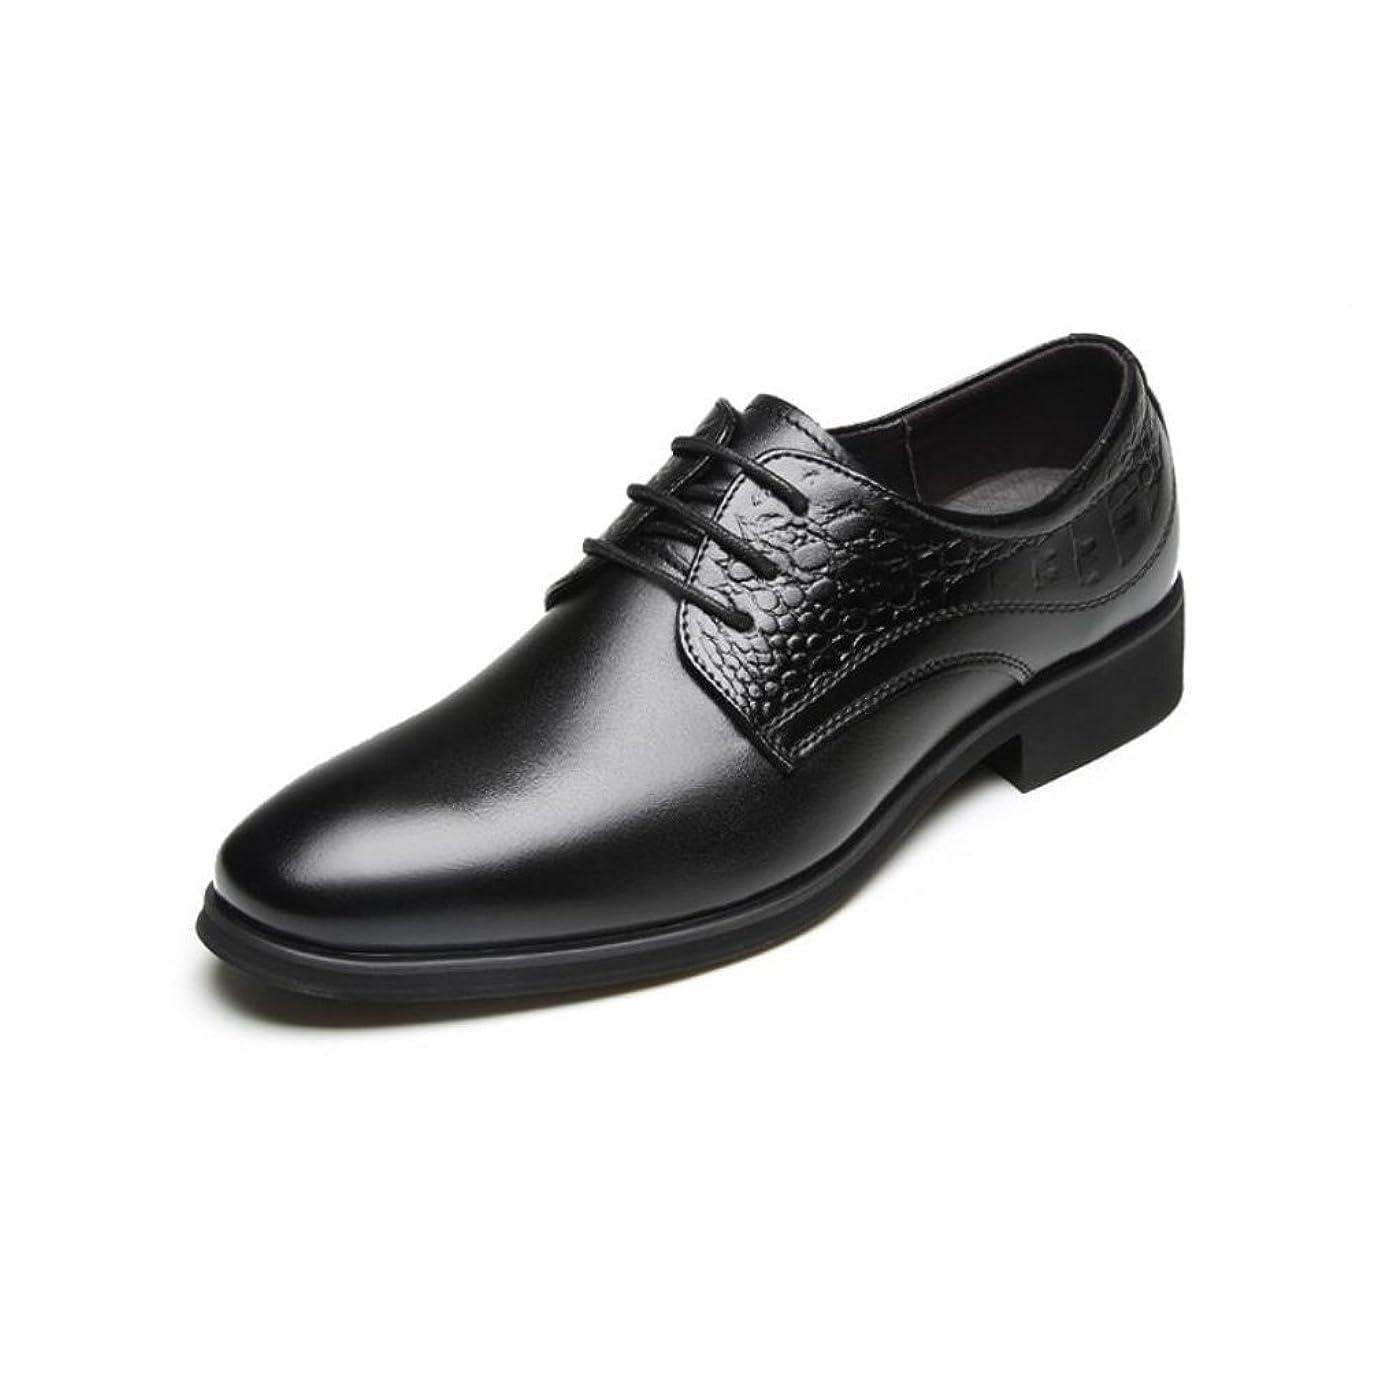 現像ブームパトロンメンズ尖ったつま先の靴, 革ビジネス靴, 春/秋快適/ファッションブラック/ブラウン/パーティー & イブニング/フォーマルシューズ/レザーシューズ,Black,43